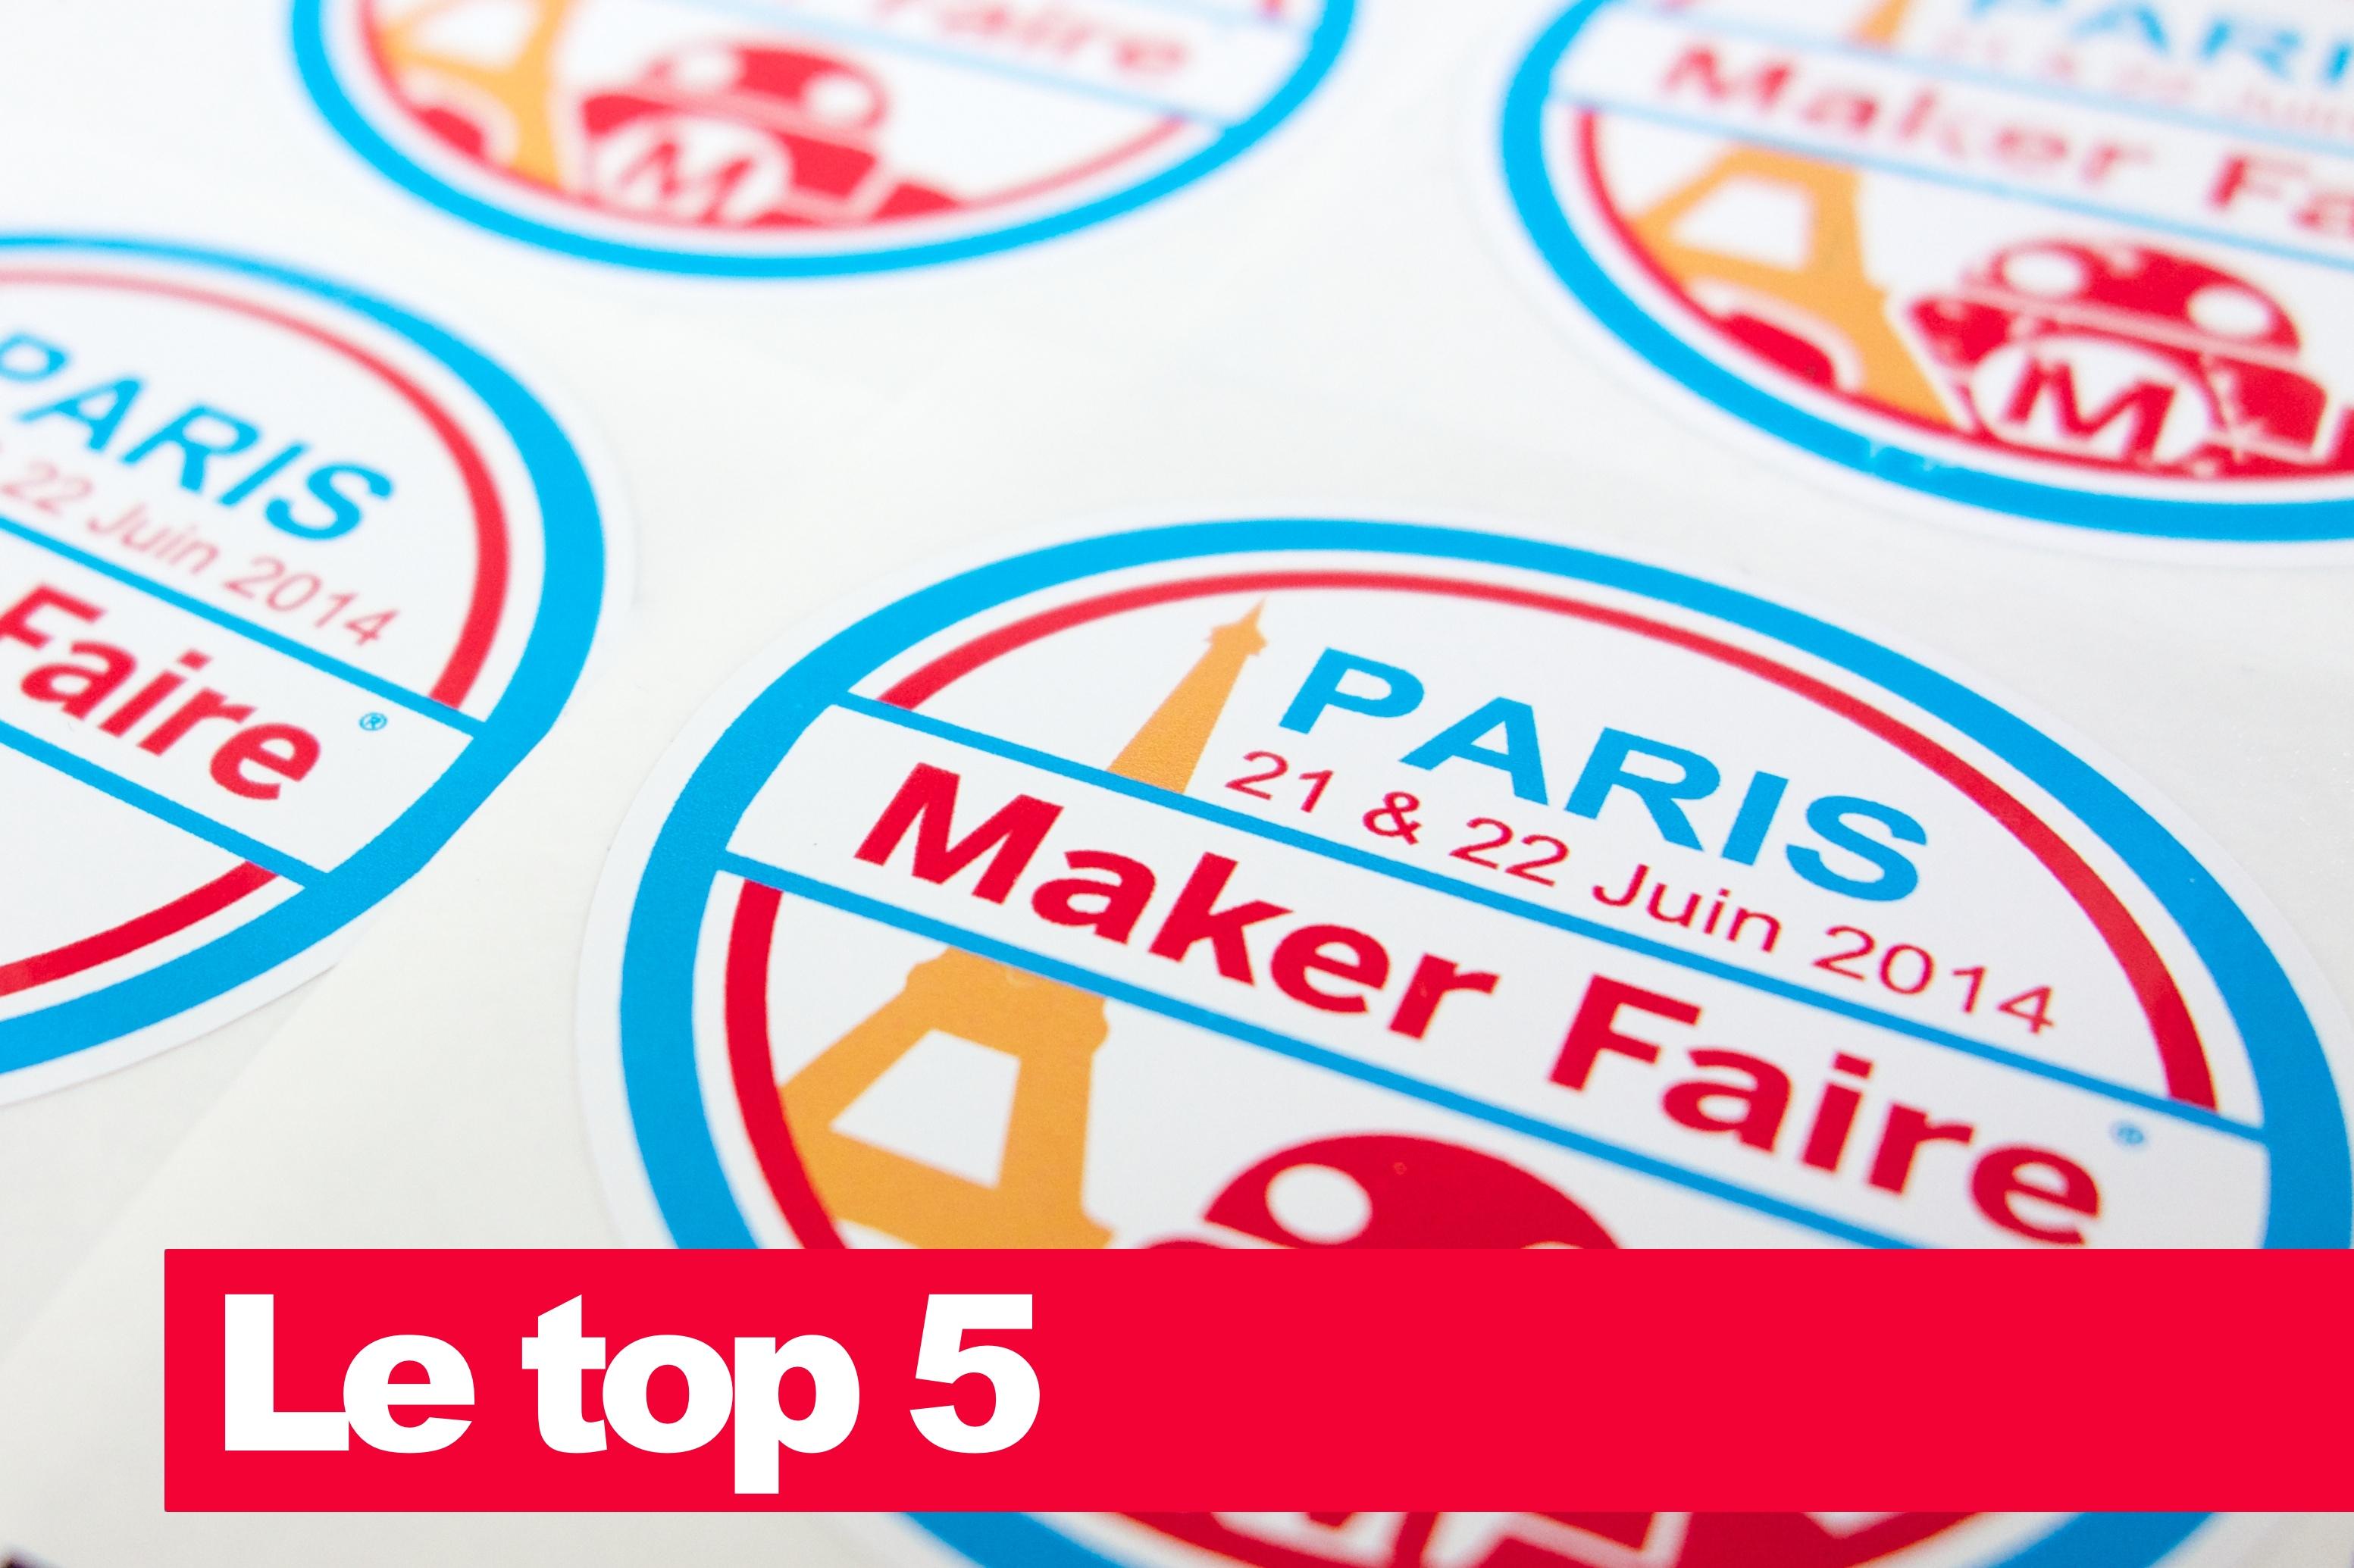 Le top 5 Maker Faire Paris review